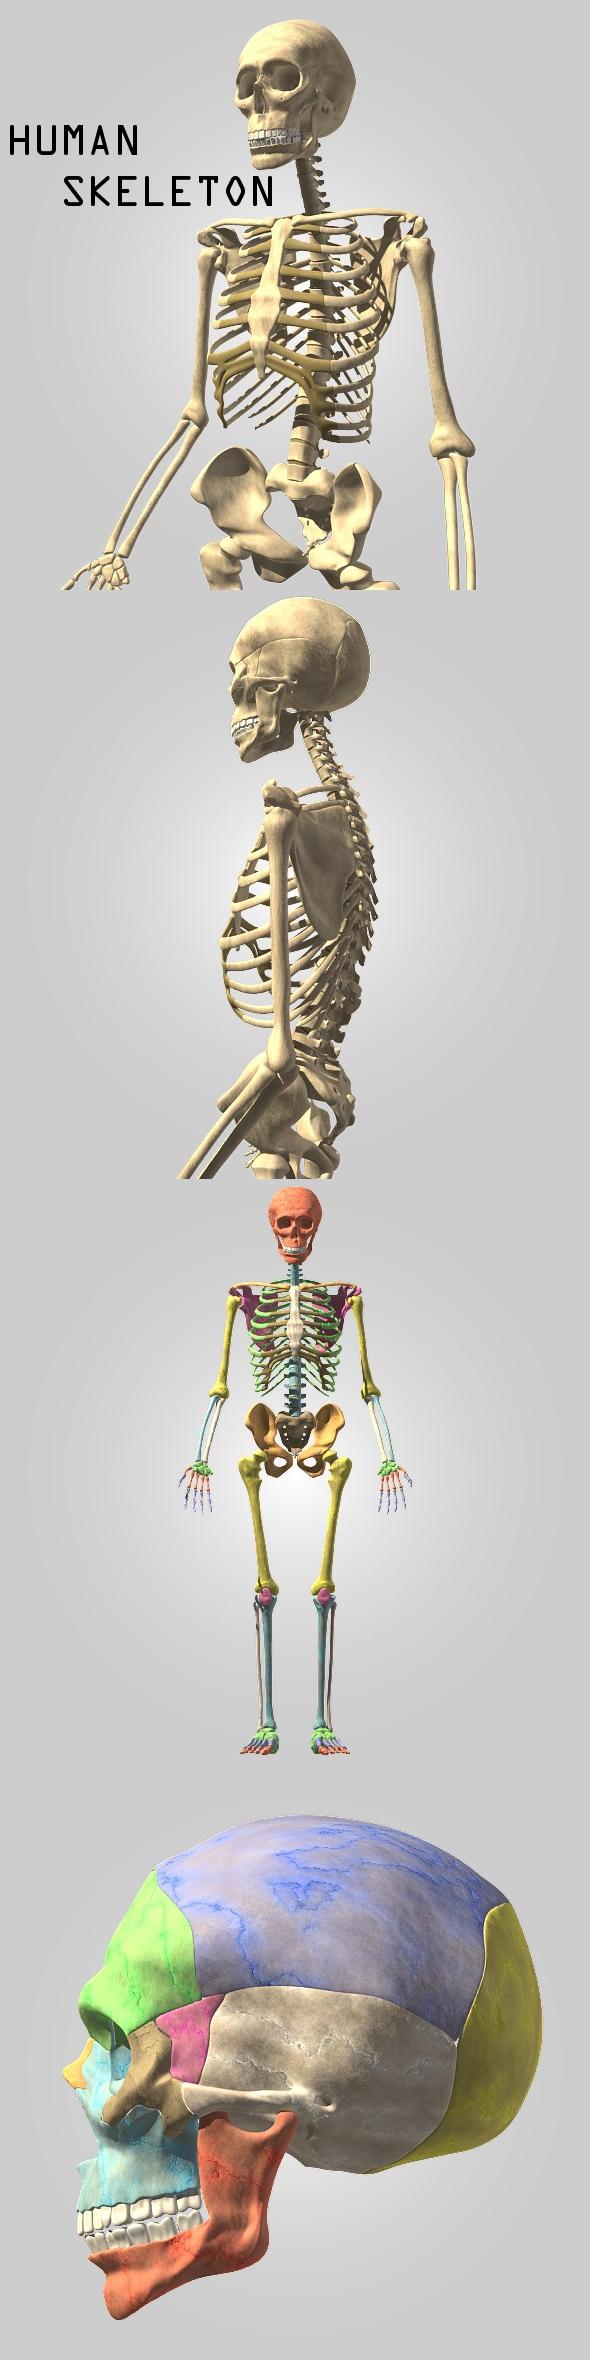 3DOcean Human skeleton 116616